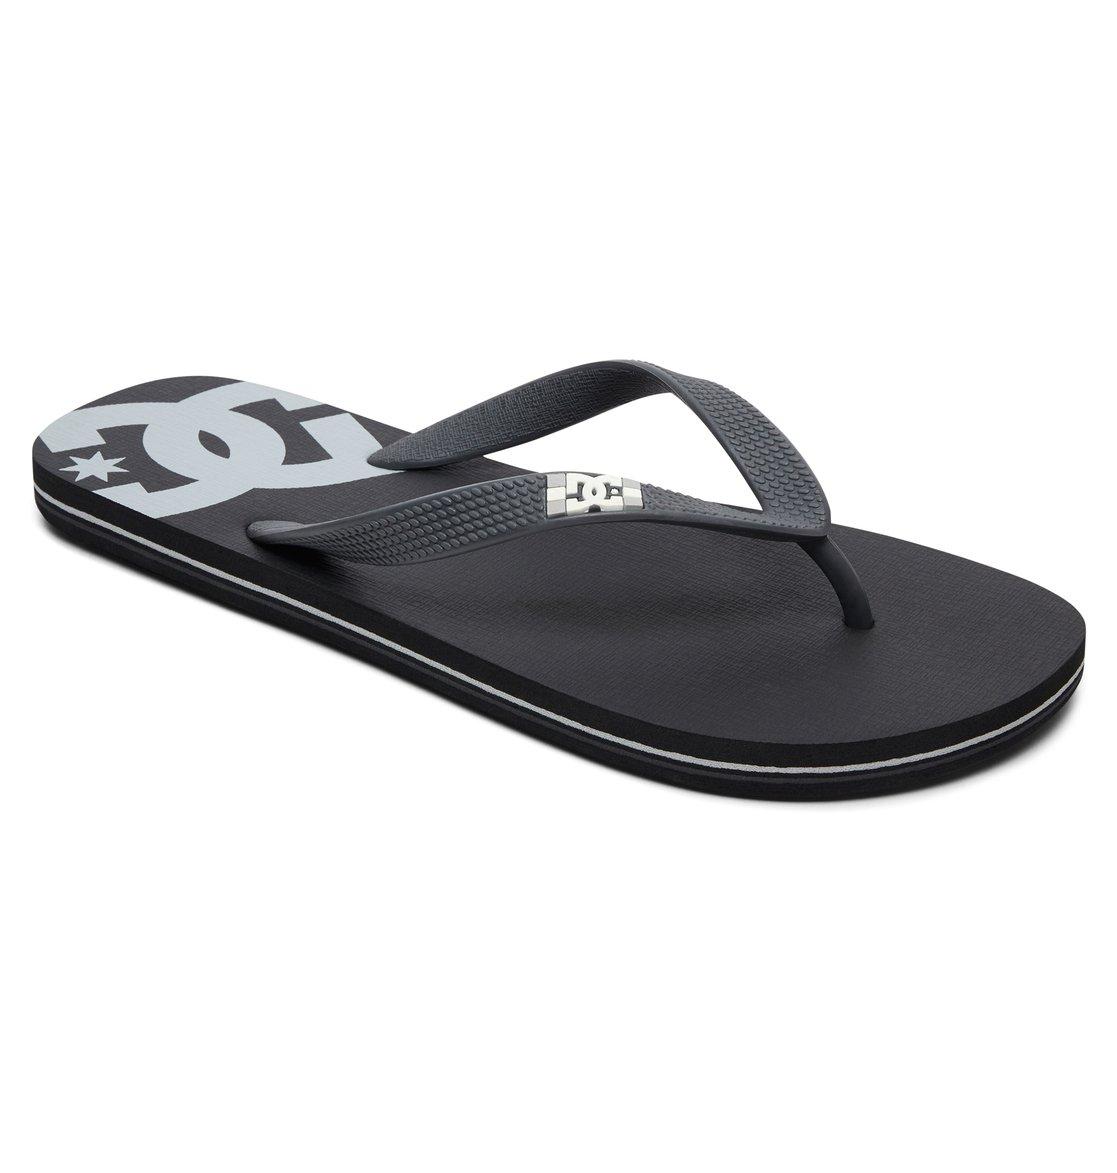 DC Shoes Spray - Sandalias - niño - EU 39